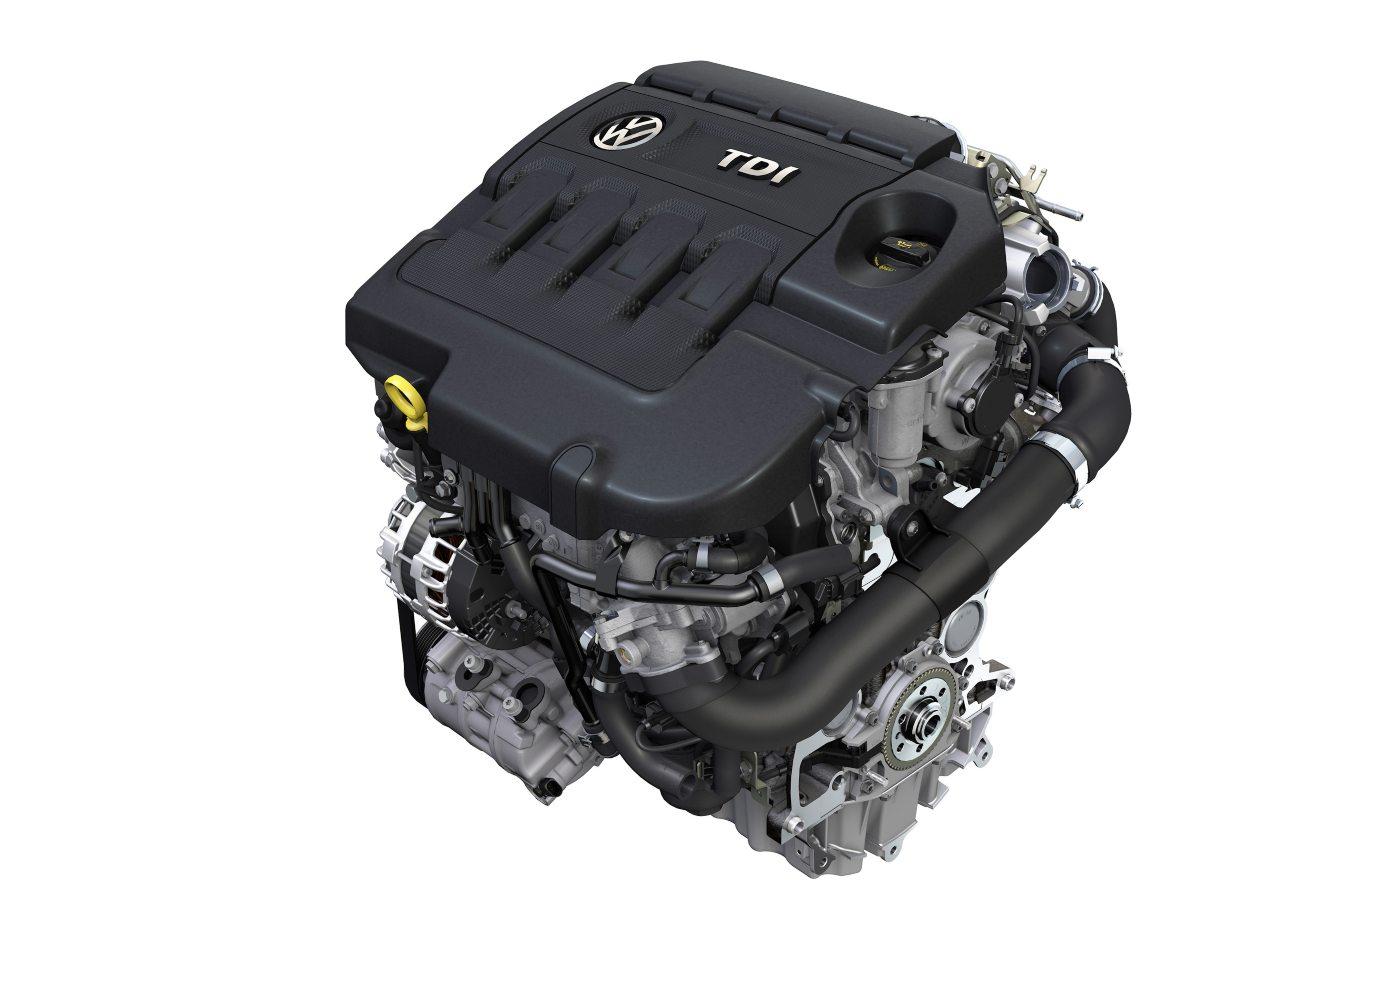 exemplo de motores 1.9 TDI da volkswagen